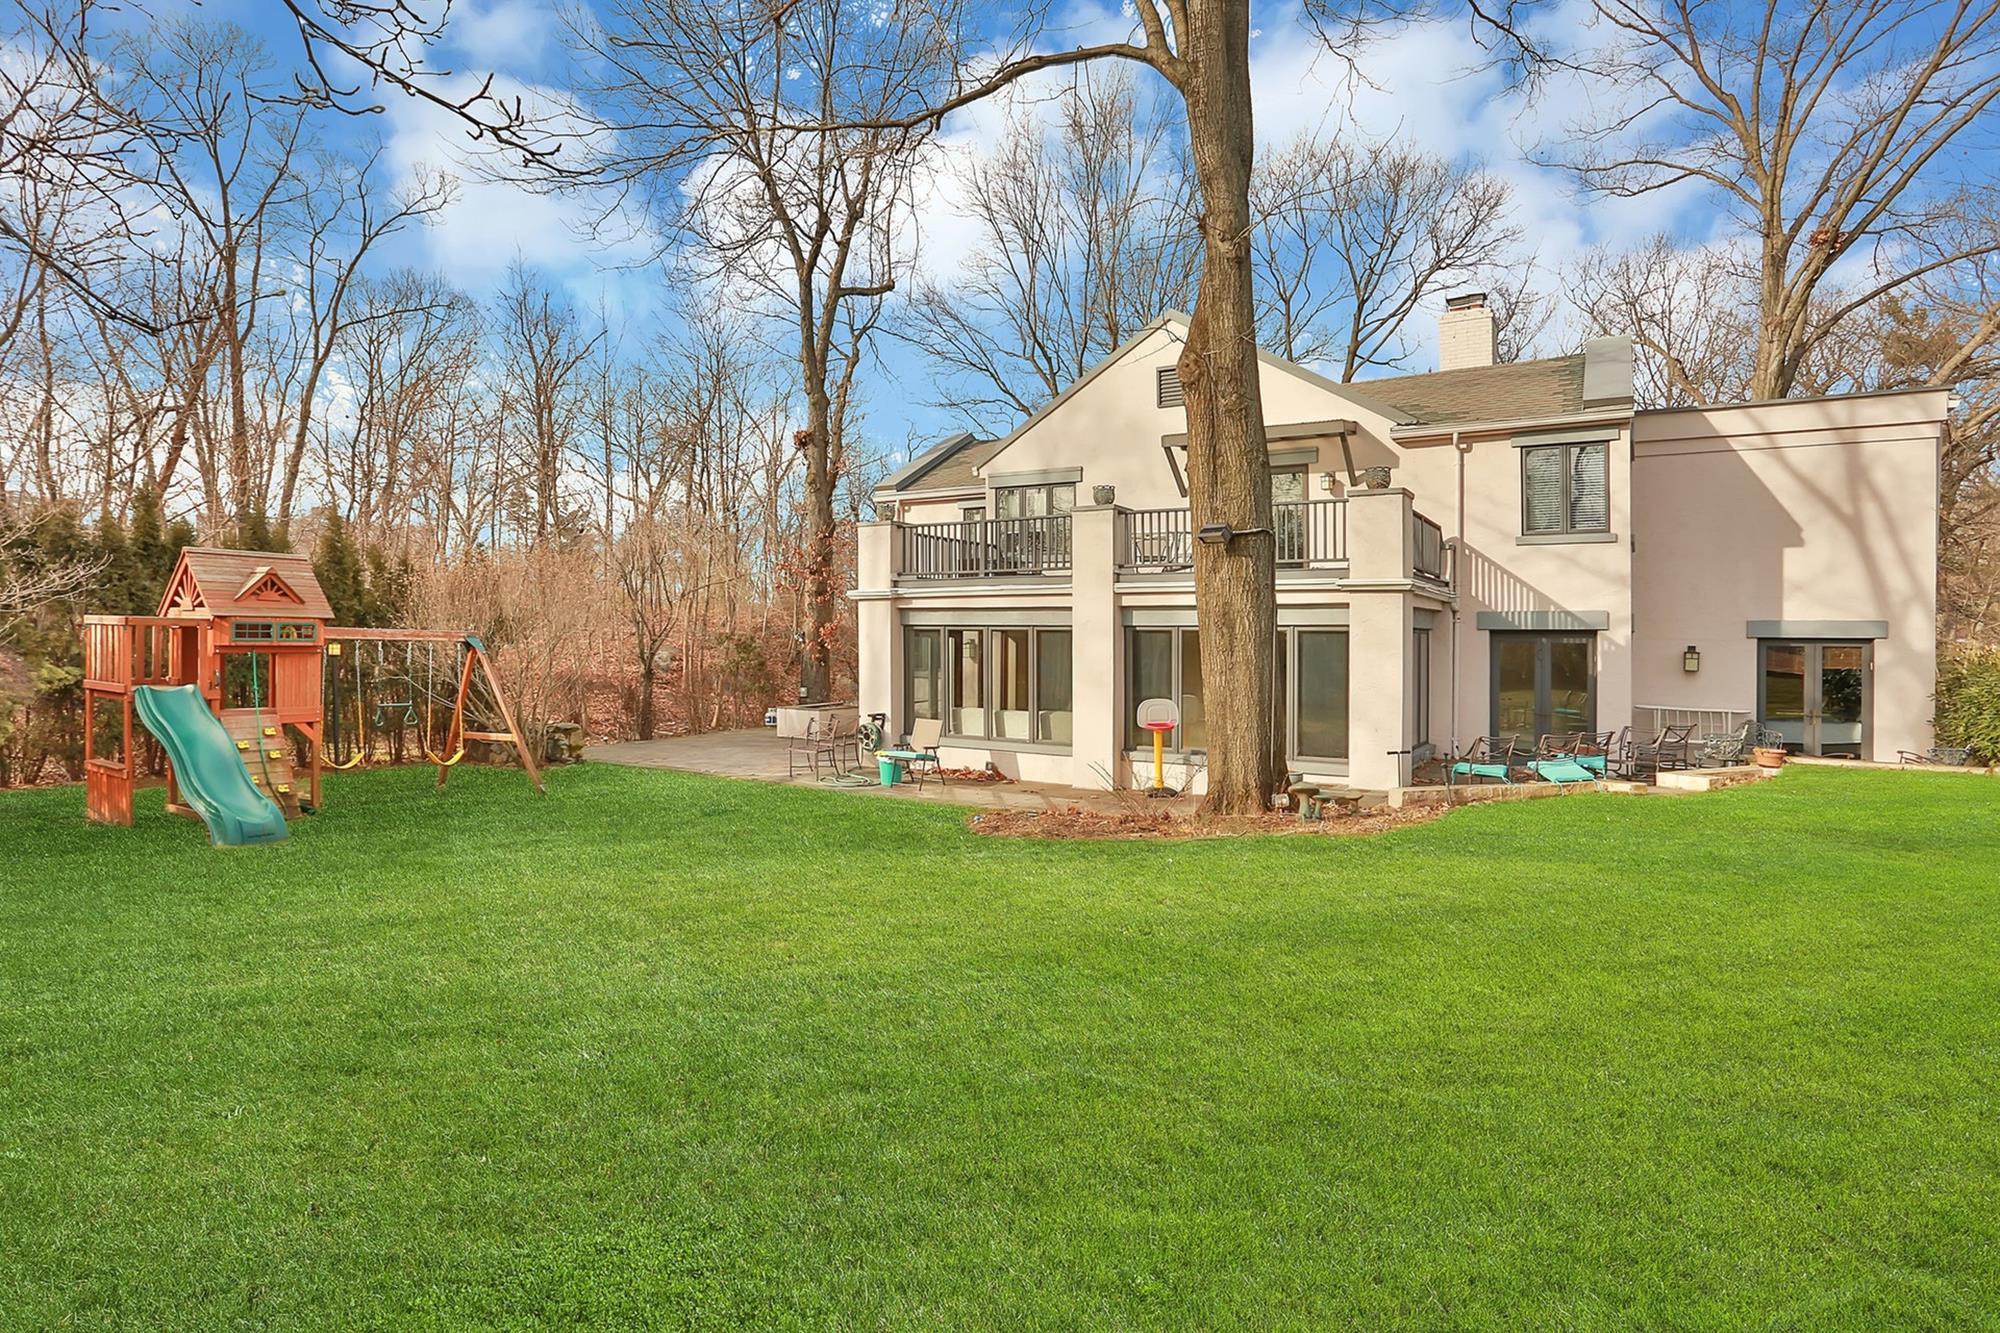 5-Bd. Mediterranean-Style House w/ Spacious Backyard on Leafy Cul-de-Sac